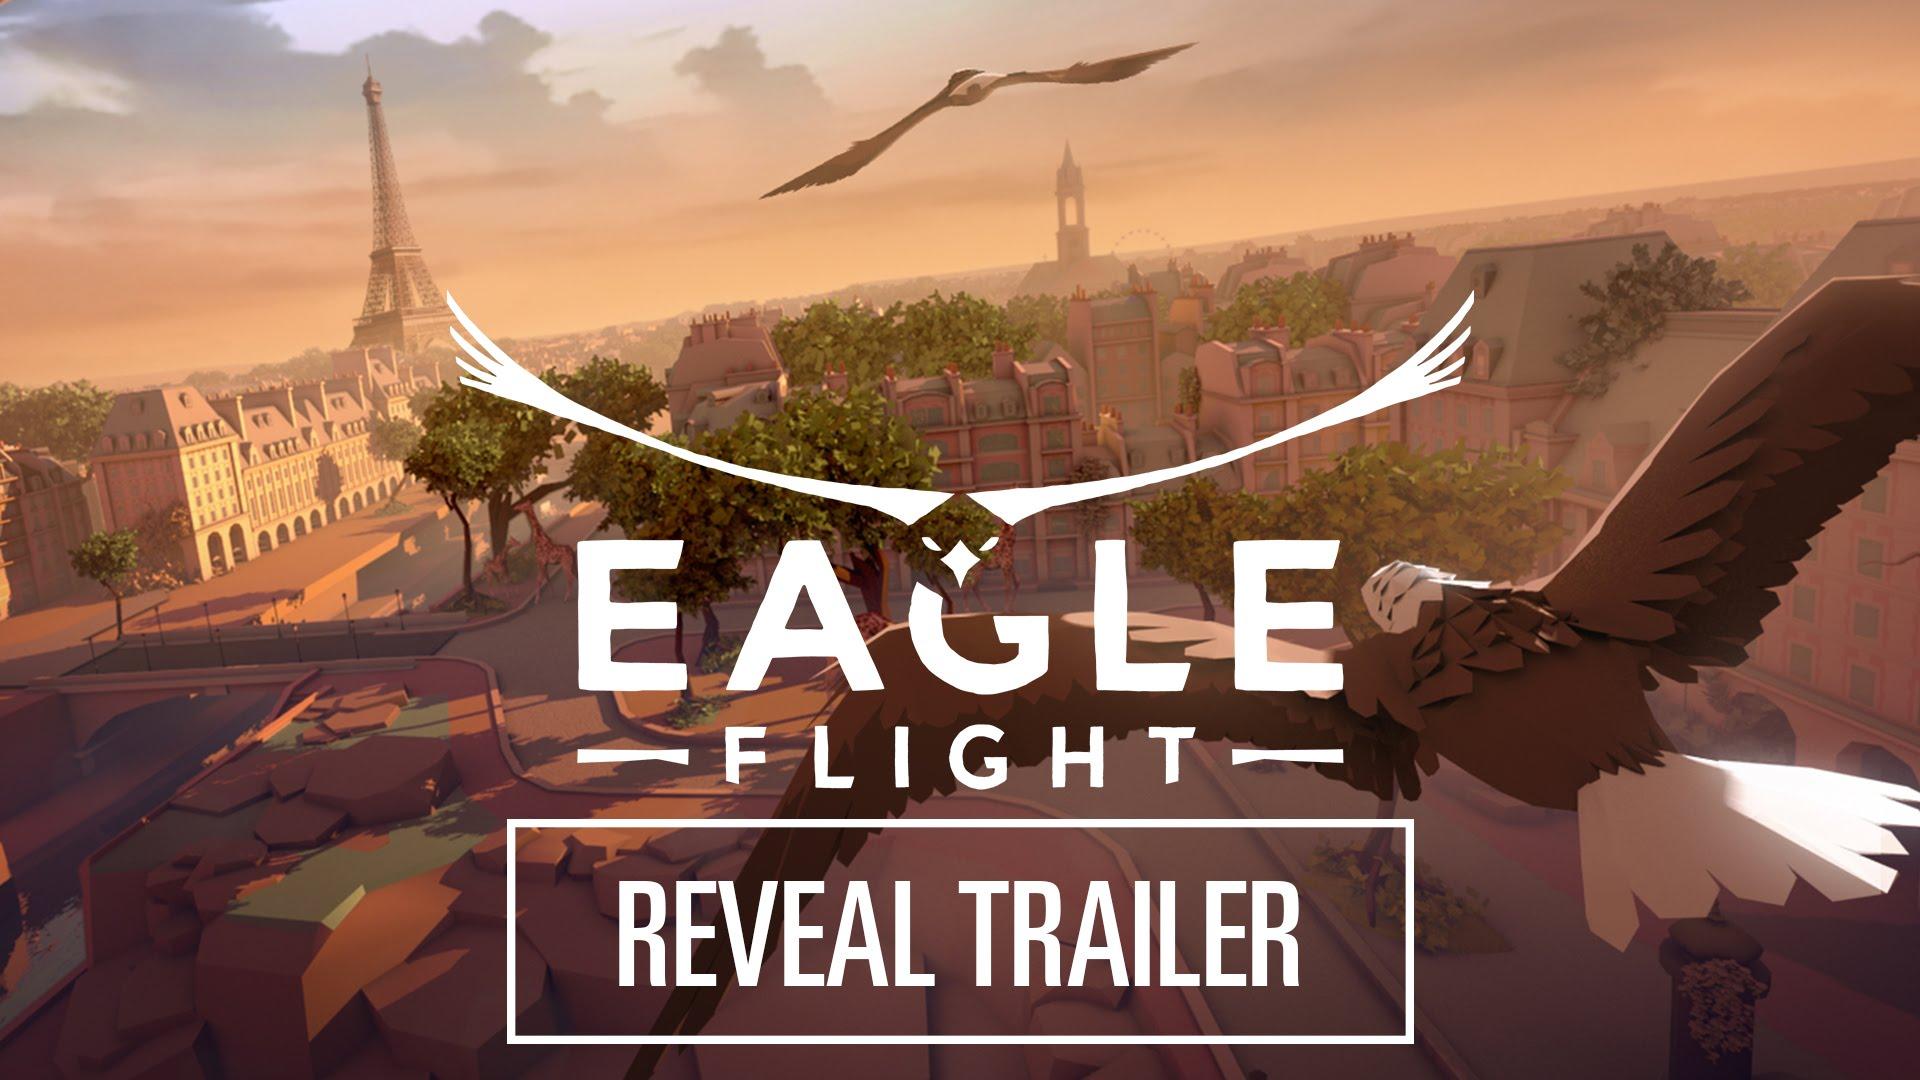 Eagle Flight - 101 Trailer veröffentlicht!